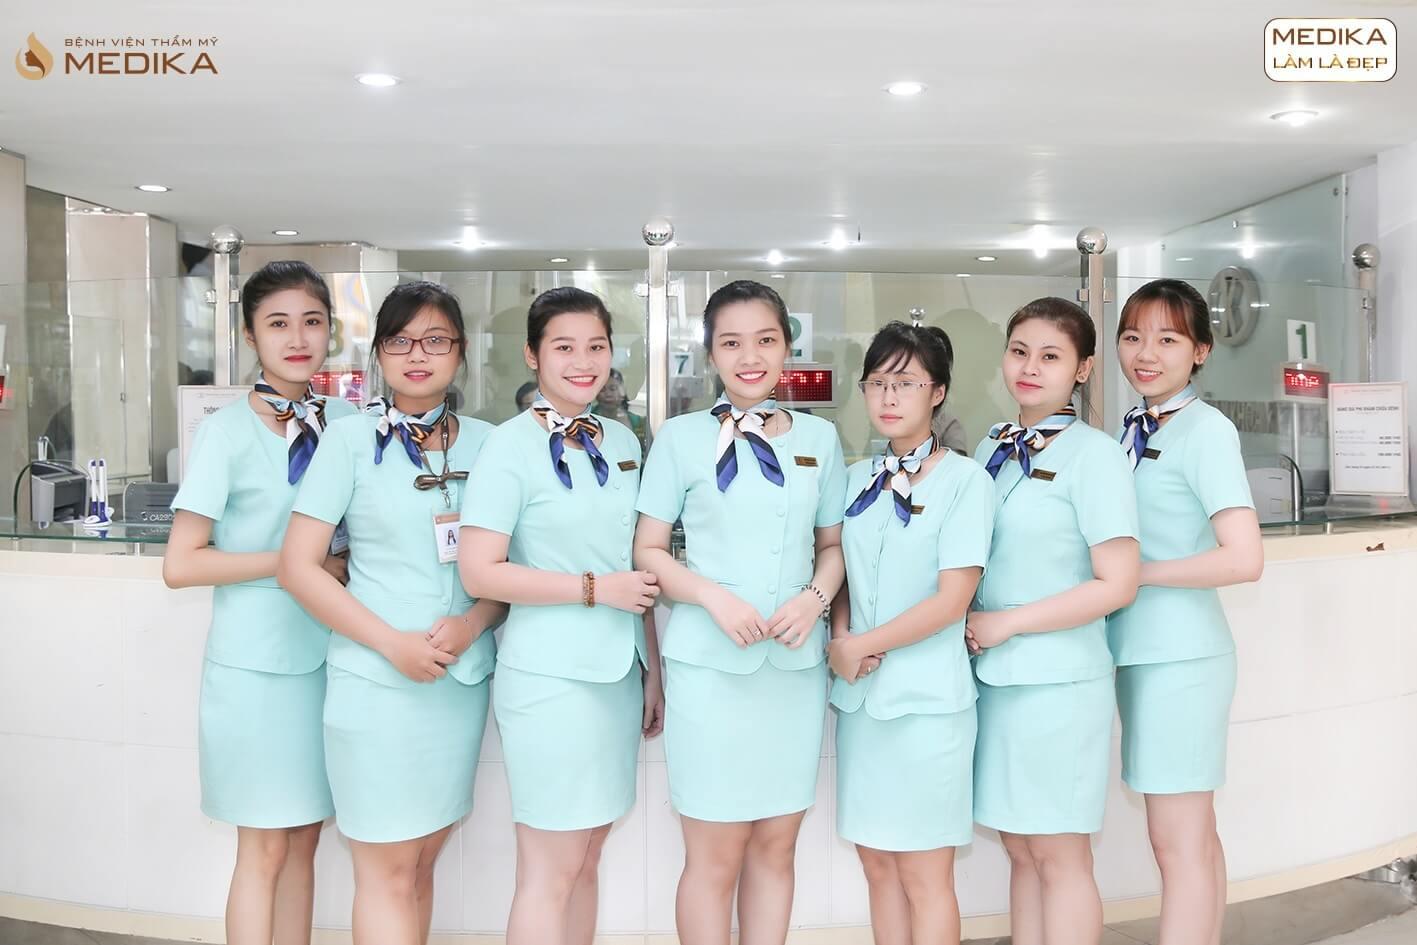 MEDIKA - Top 6 bệnh viện thẩm mỹ chất lượng nhất tại TP. Hồ Chí Minh Đội ngũ nhân viên